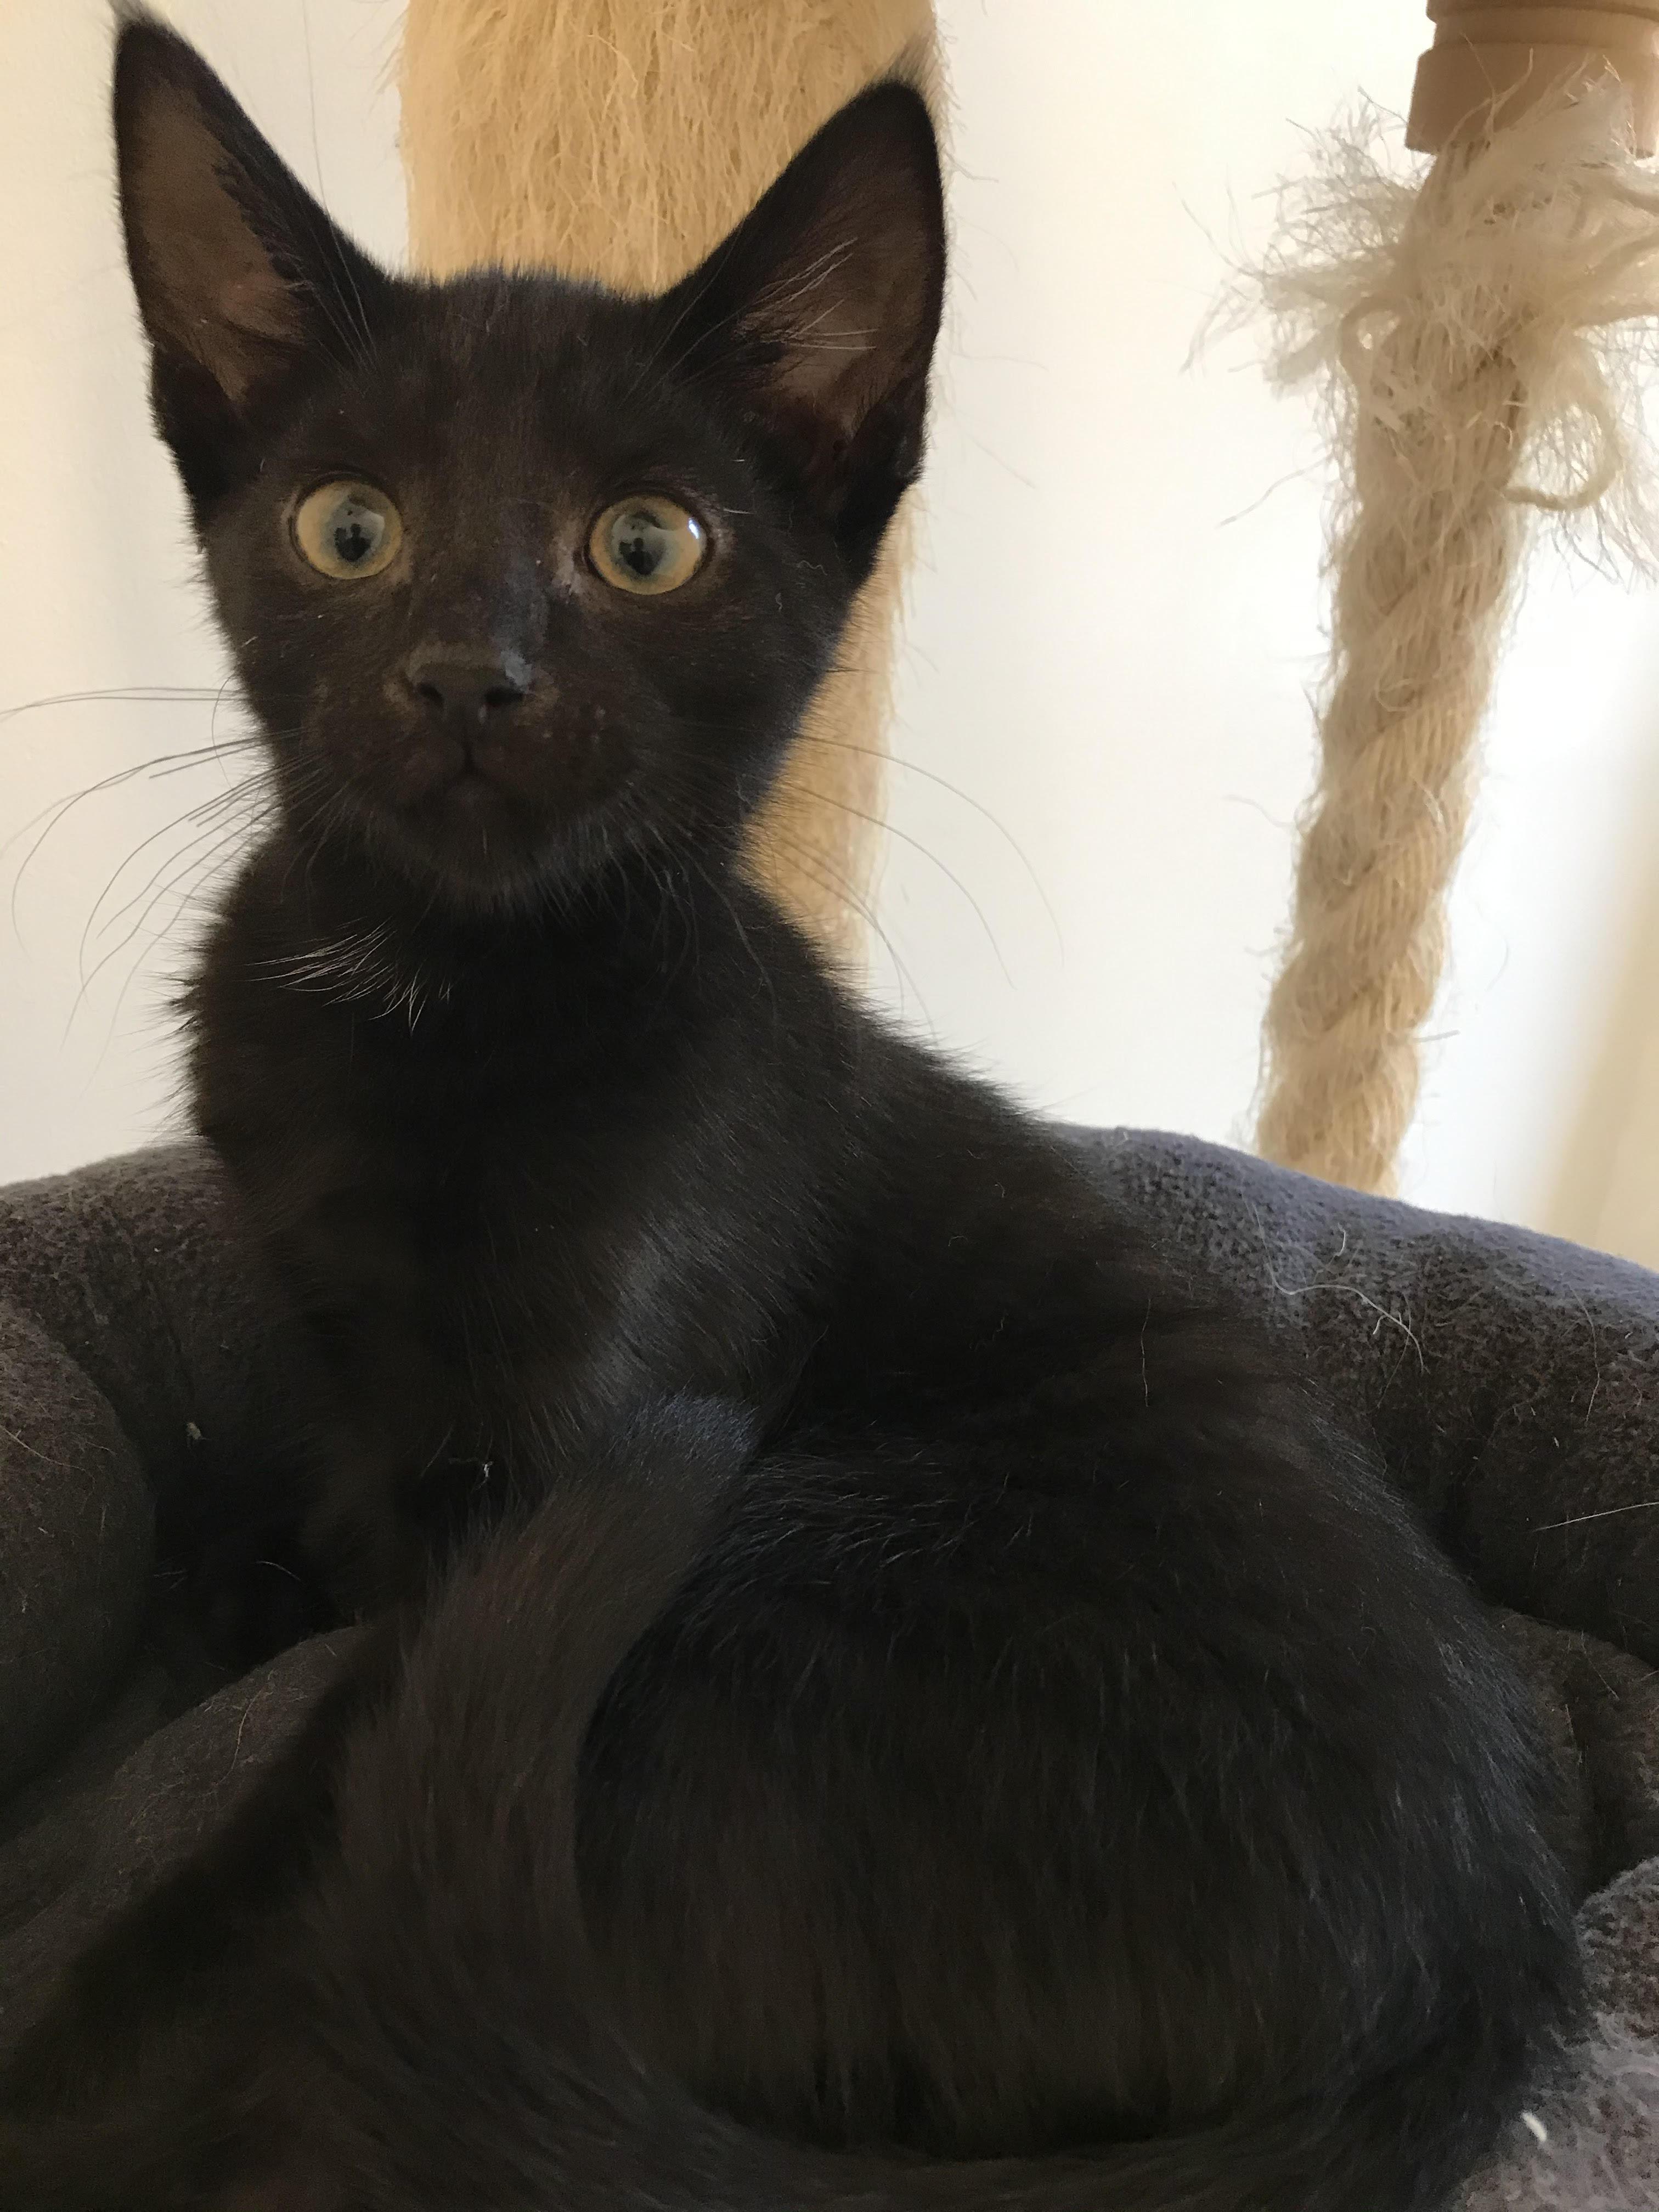 Sorte er en super sød og kælen hankilling på 12 uger - han kan med andre katte og hund